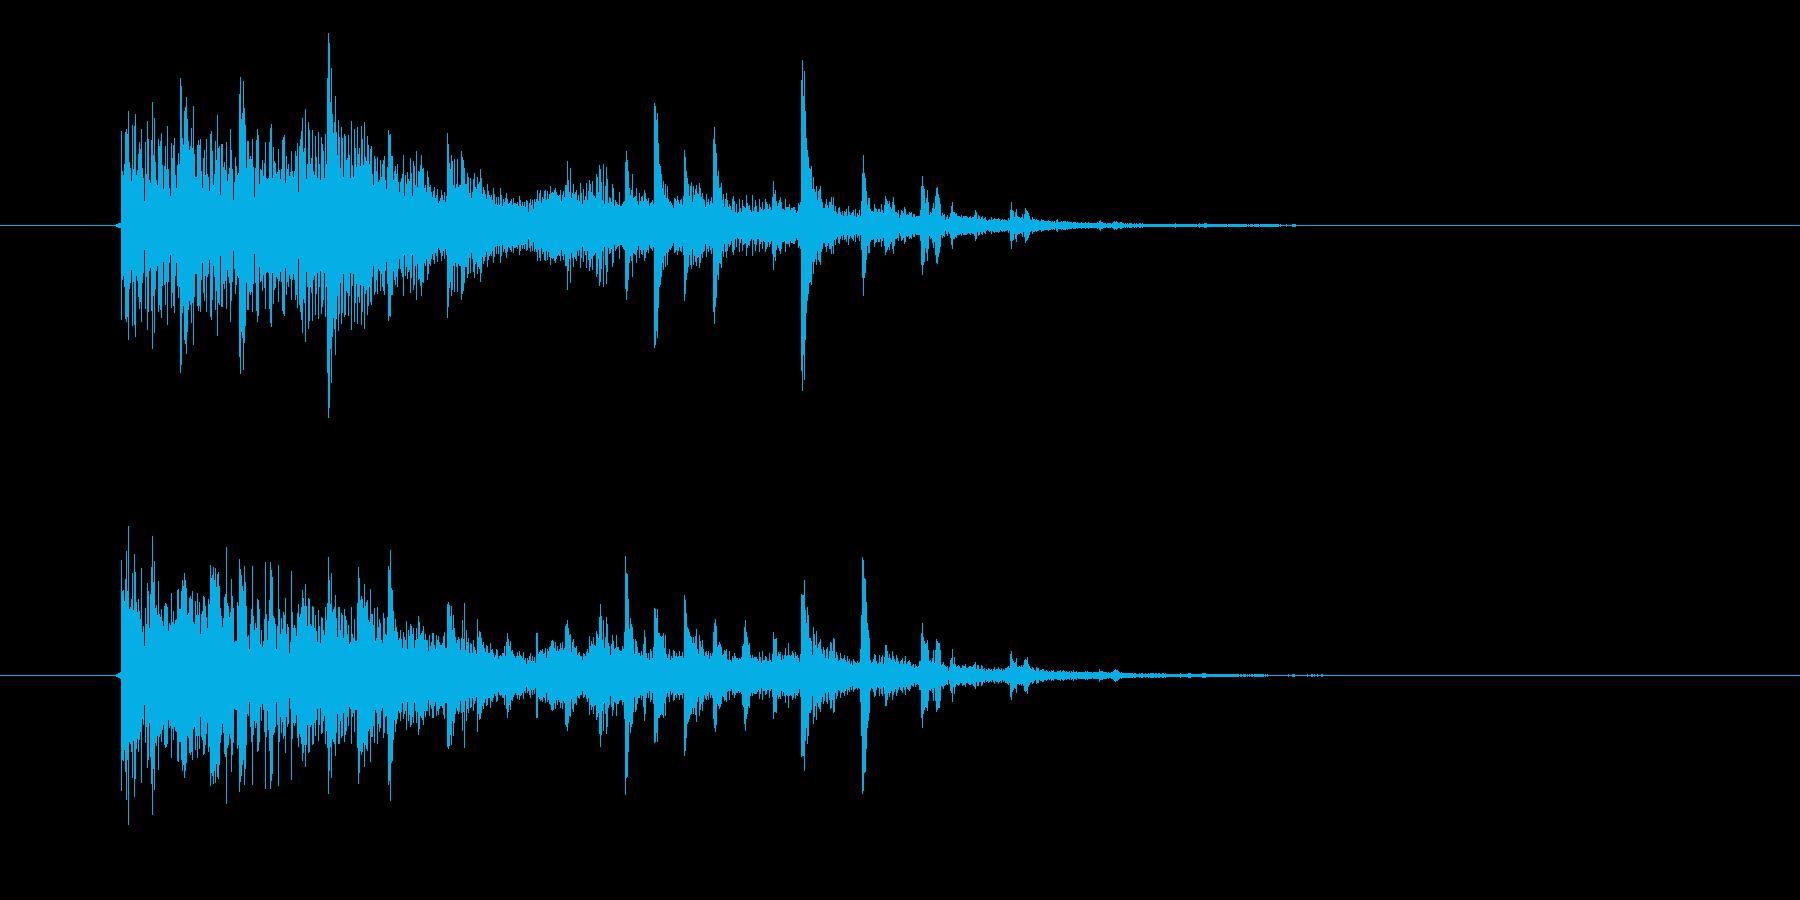 幻想的で静かなミュージックの再生済みの波形